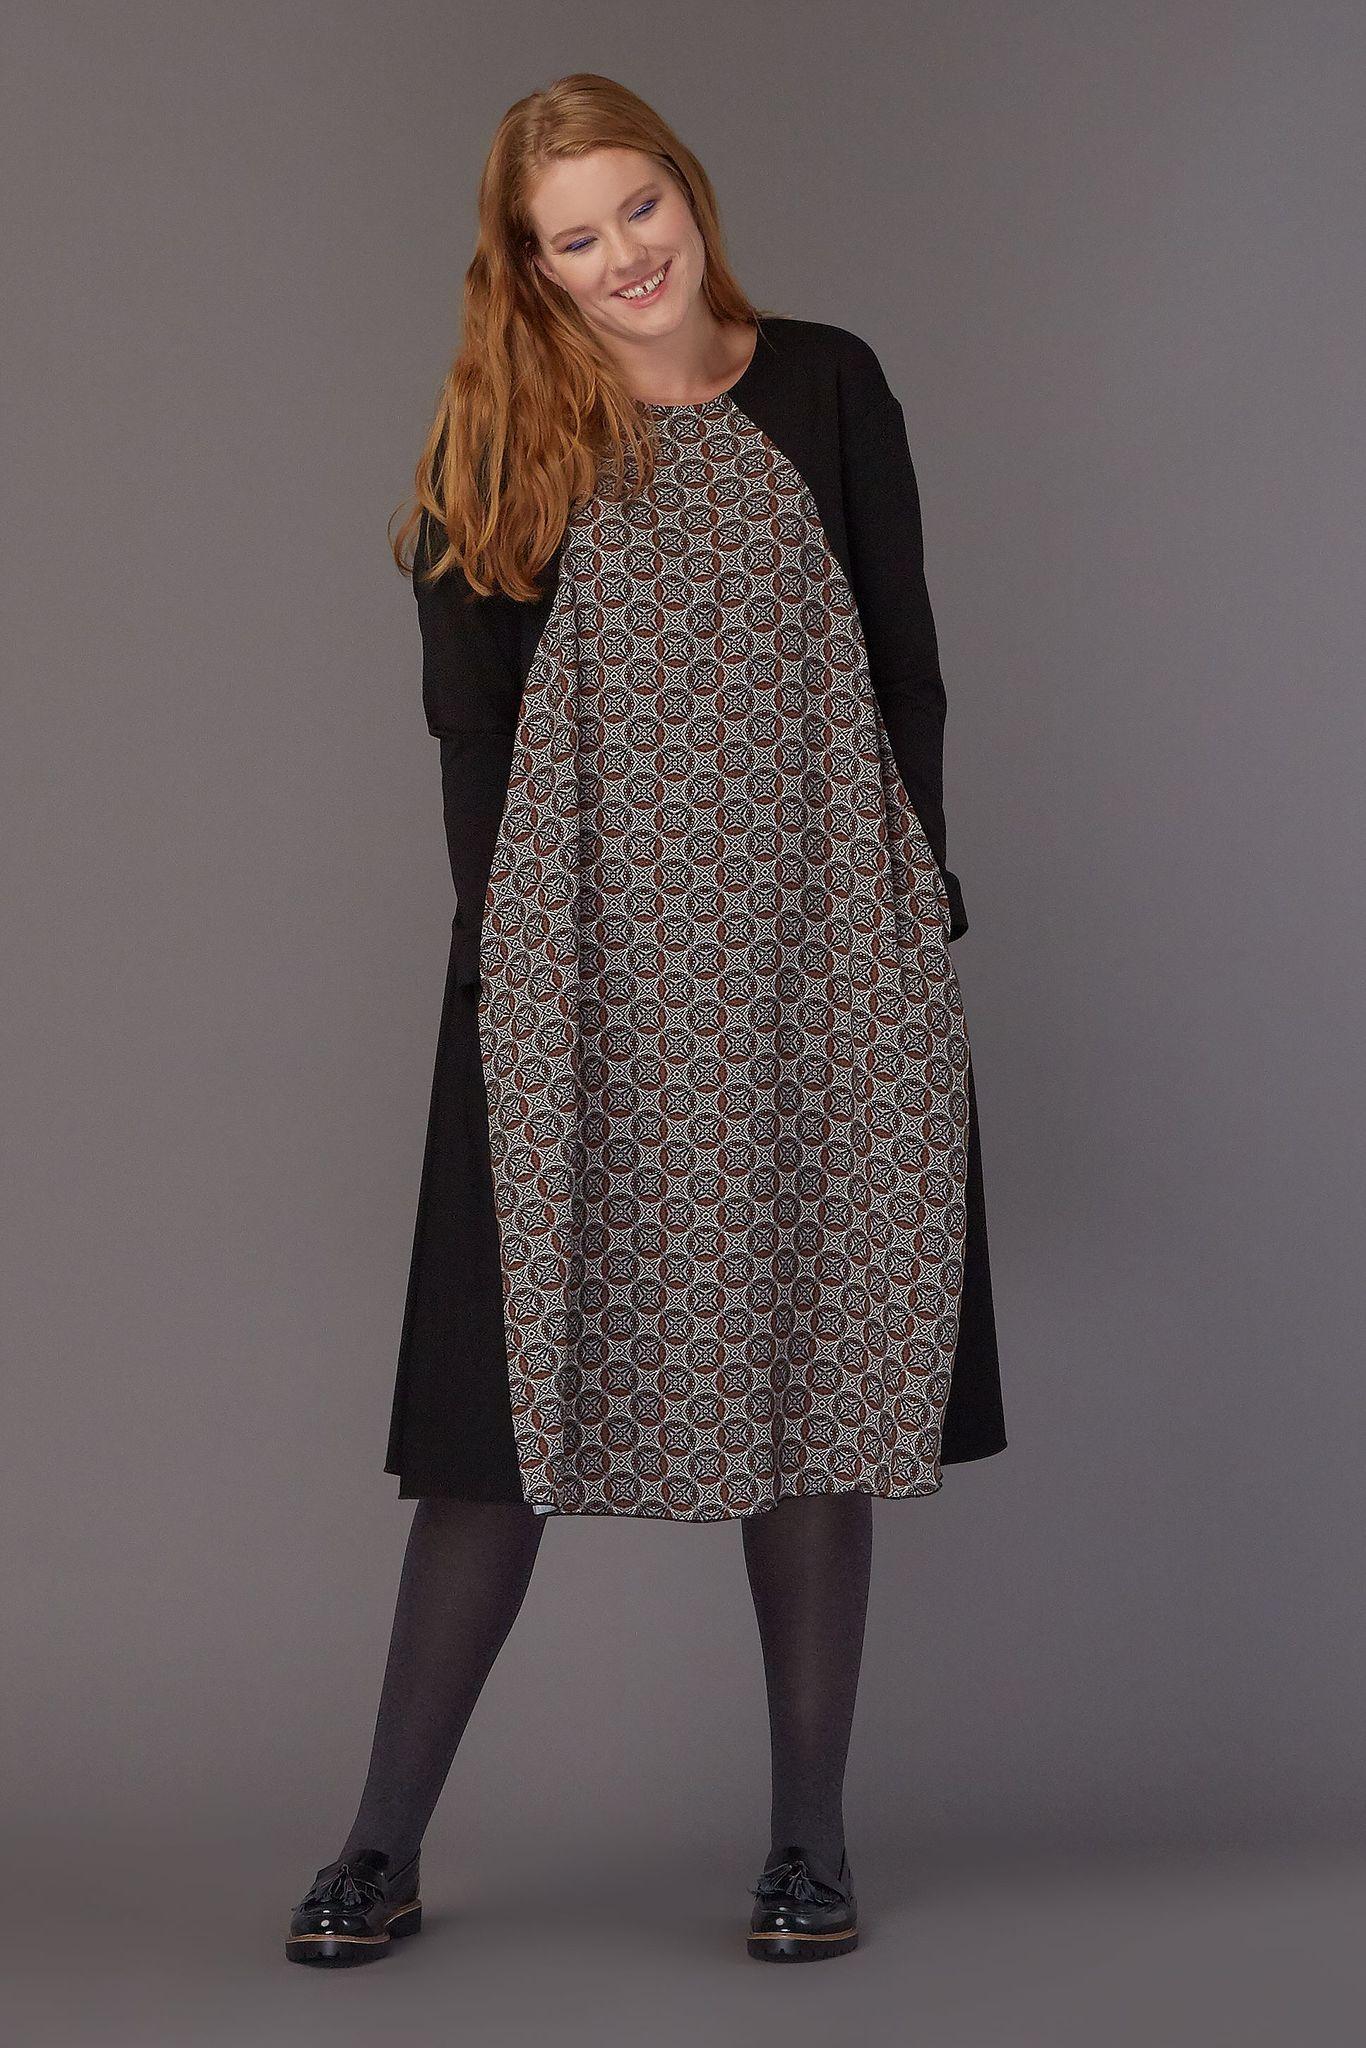 Платье с принтом LE-08 D07 01Новинки<br>Трикотажное платье с геометричным контрастным принтом, А-силуэта, длиной чуть ниже колена и функциональными карманами в боковых швах. Летящее, яркое, с идеальной посадкой, подходящее для любого типа фигуры. Рост модели на фото 179 см, размер - 52 российский.<br>